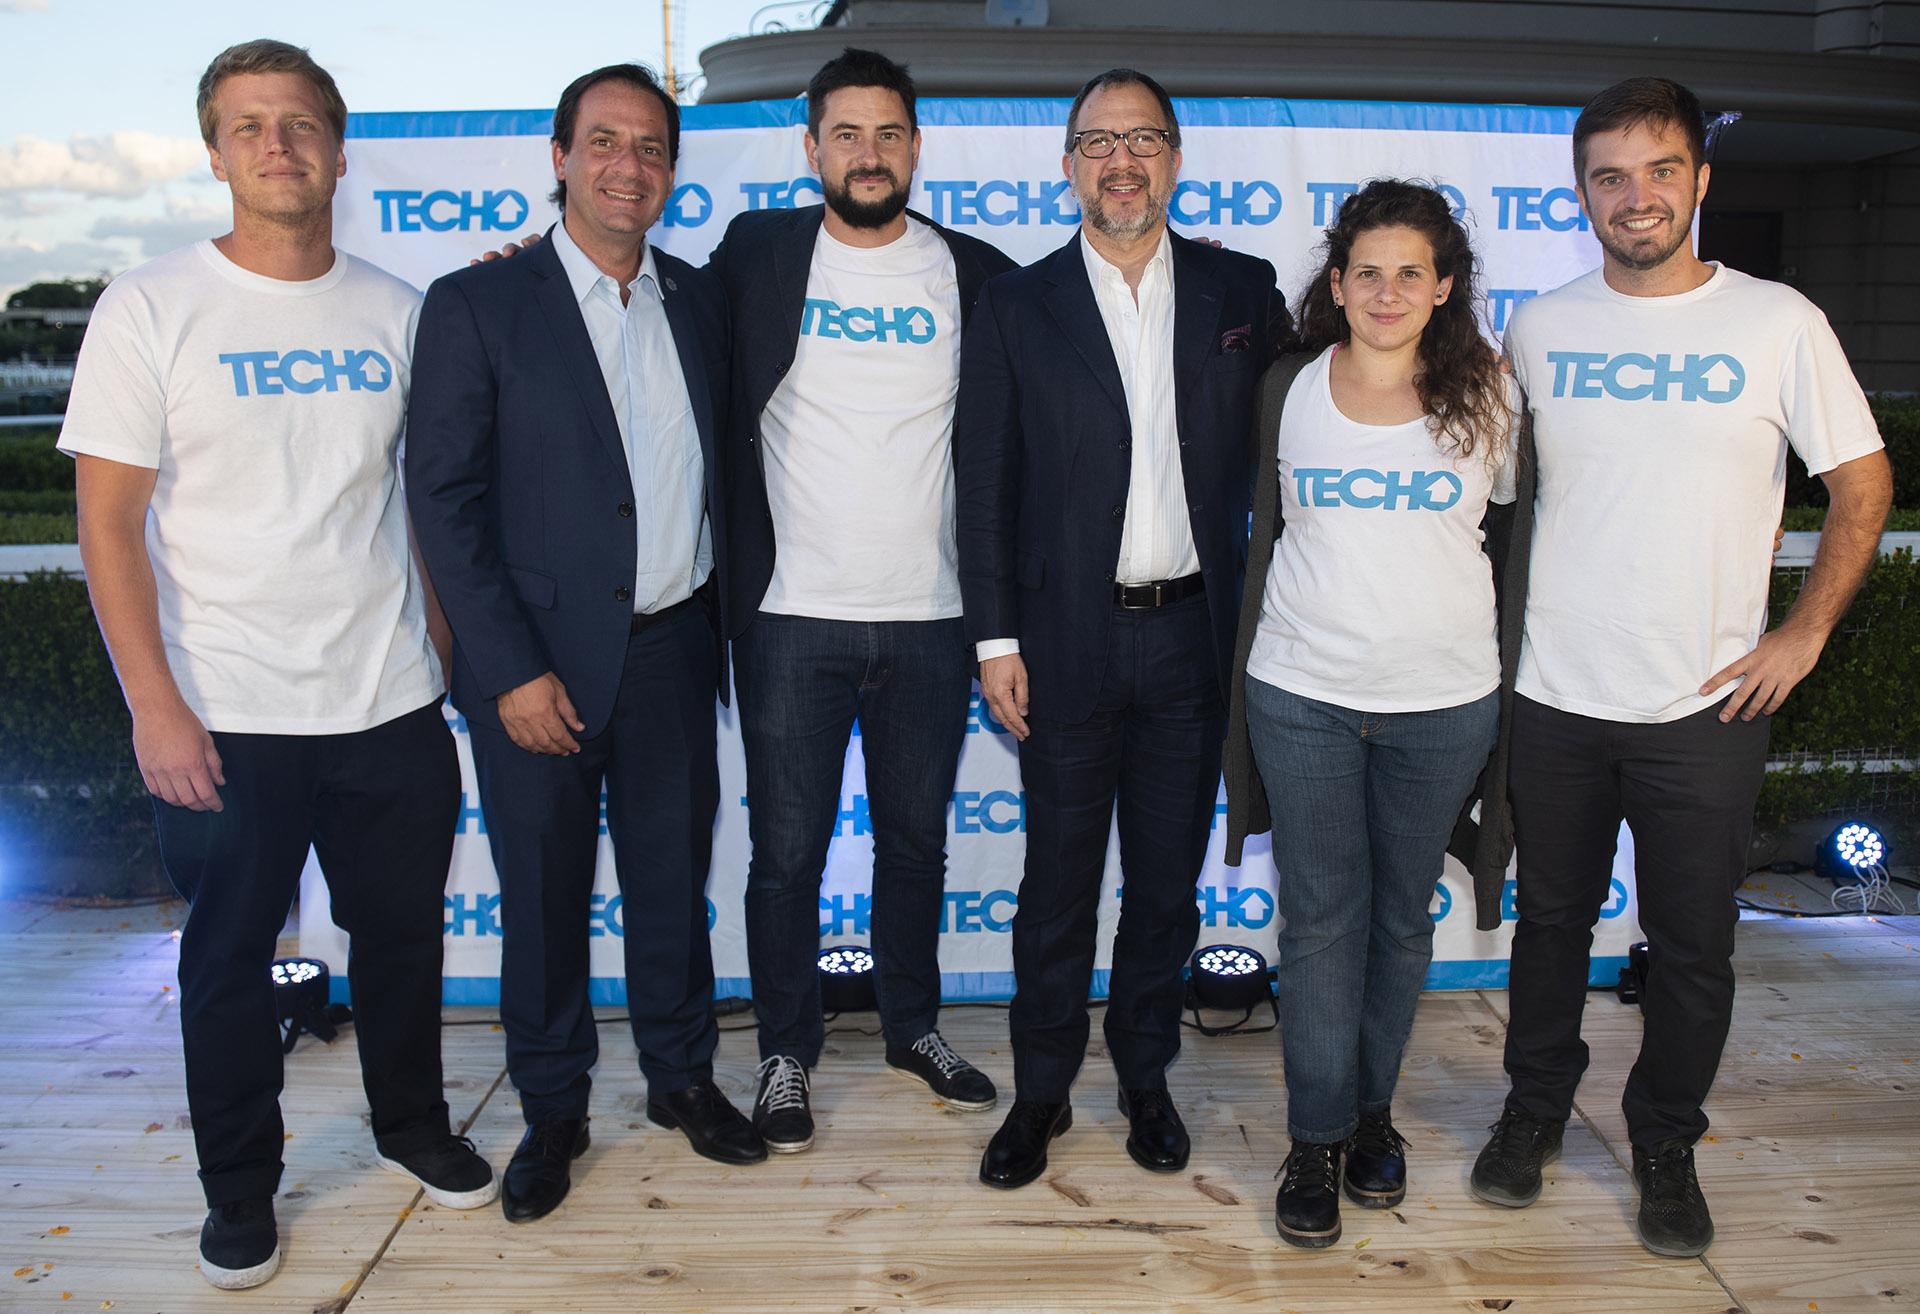 El intendente de Escobar, Ariel Sujarchuck; Virgilio Gregorini, director ejecutivo de TECHO en la Argentina; el Secretario General de la provincia de Buenos Aires, Fabián Perechodnik, y Gabriela Arrastúa, directora del Centro de Investigación e Innovación Social de TECHO